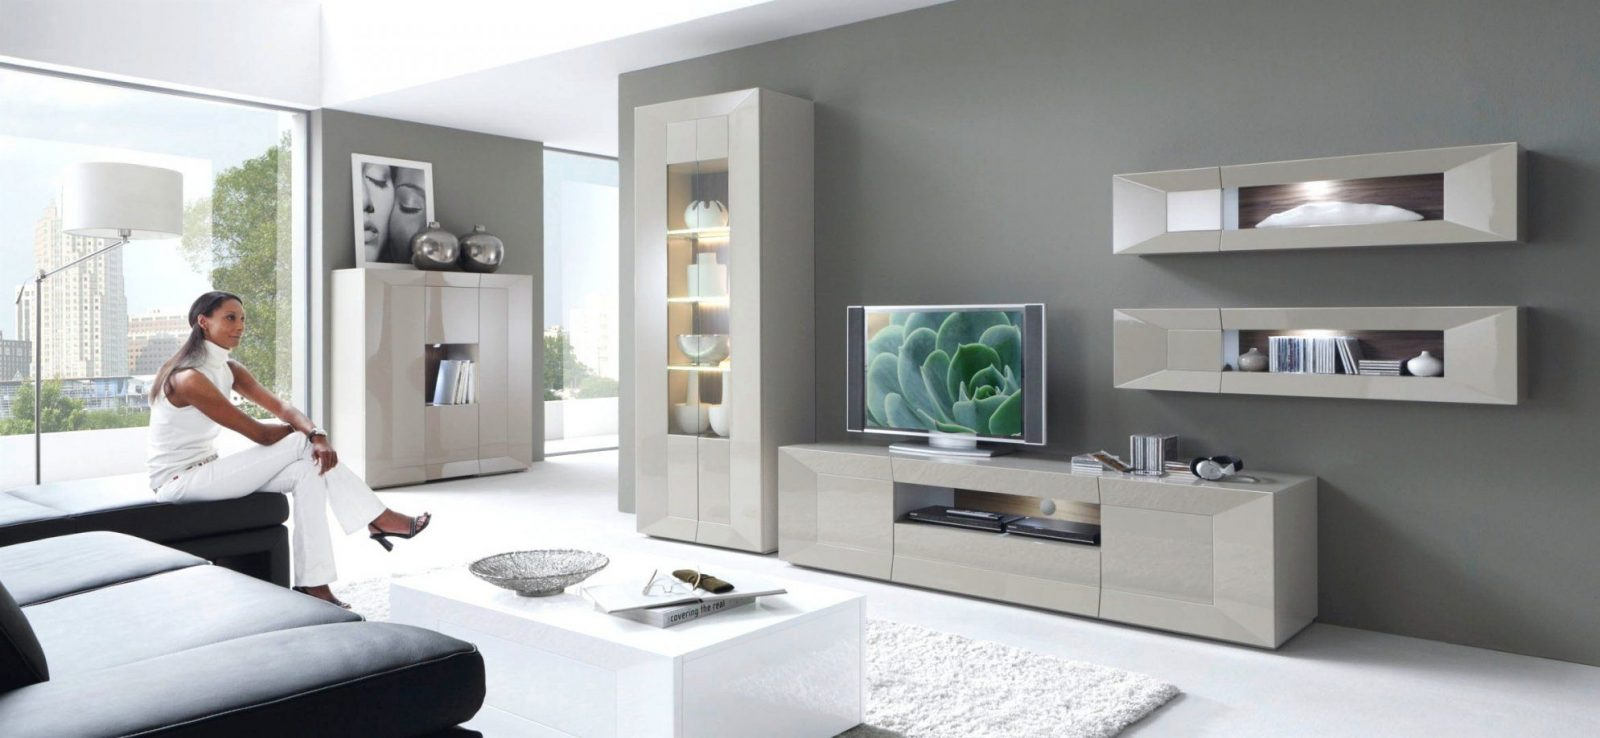 Wohnideen  Farben Für Wohnzimmer Auch Frisch Inspirierend Welche von Schöne Wandfarben Fürs Wohnzimmer Bild